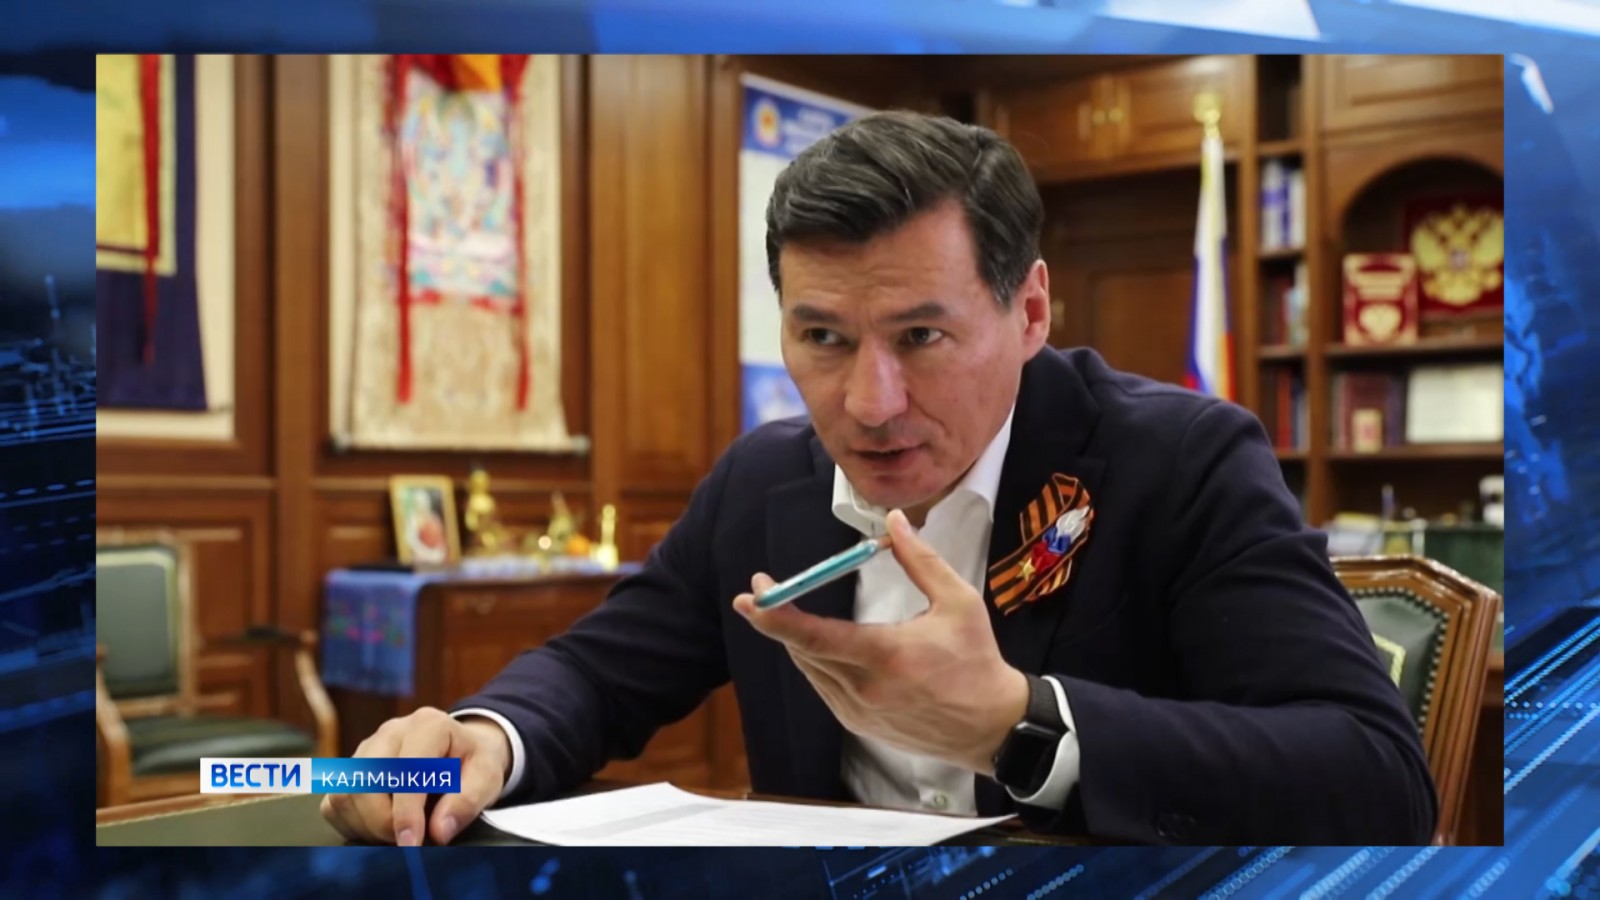 Глава Калмыкии поздравил ветеранов по телефону